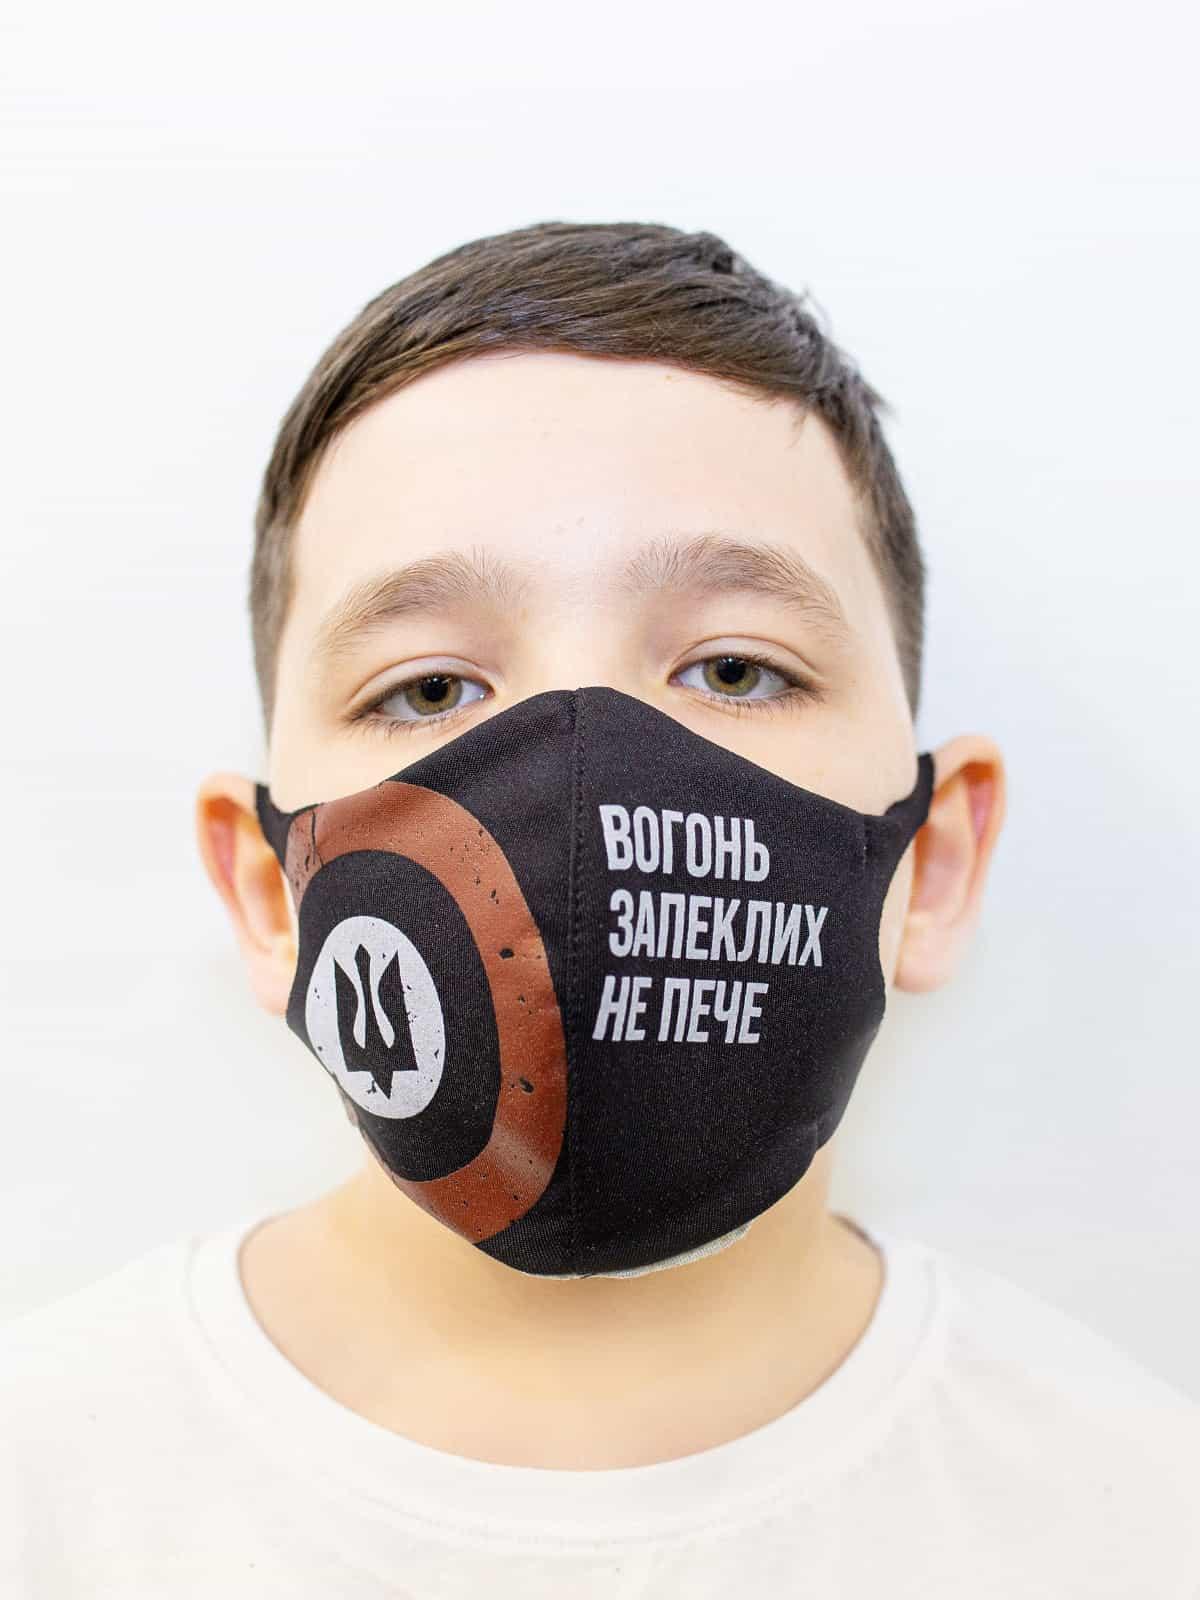 Дитяча Маска Тризуб. Колір чорний.  Оплата тільки онлайн.